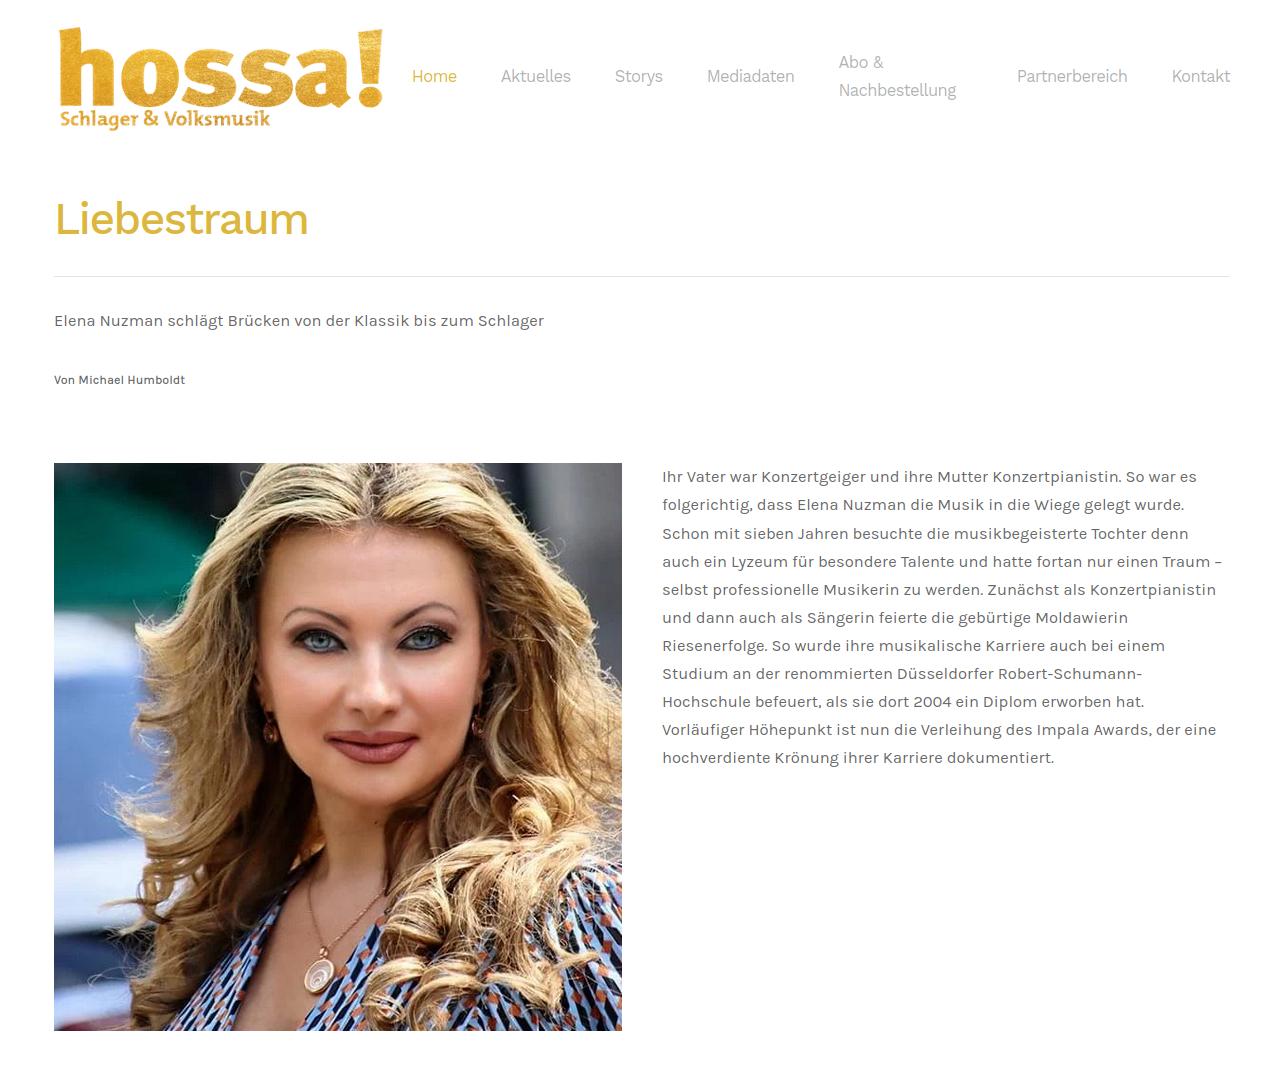 Elena Nuzman - News - hossa-magazin.de - September 2021